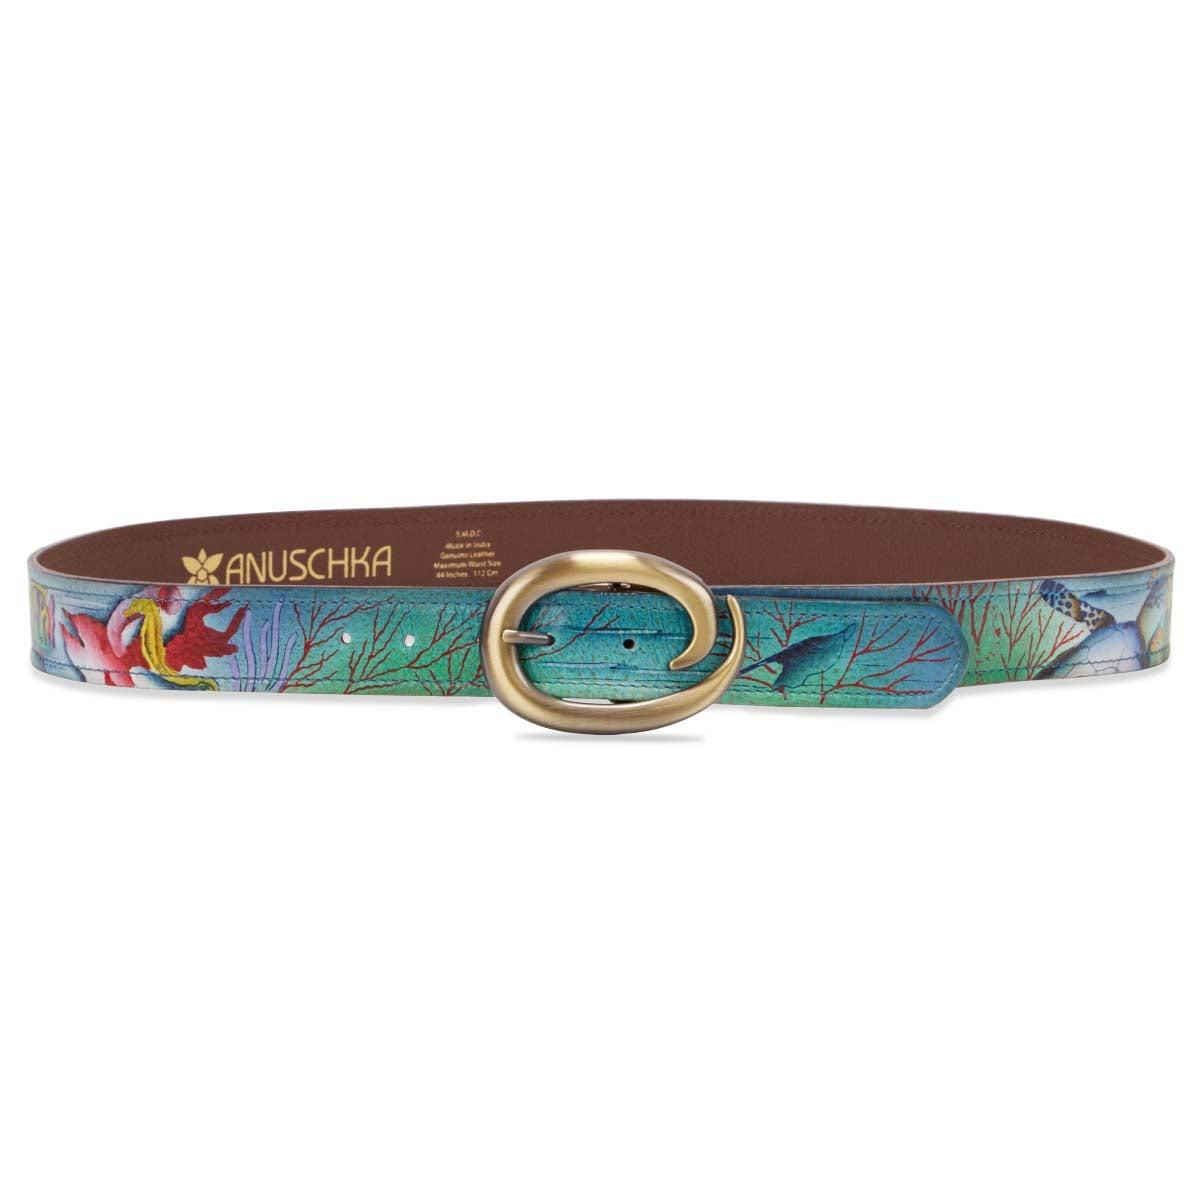 Painted lthr Ocean Treasures adj belt